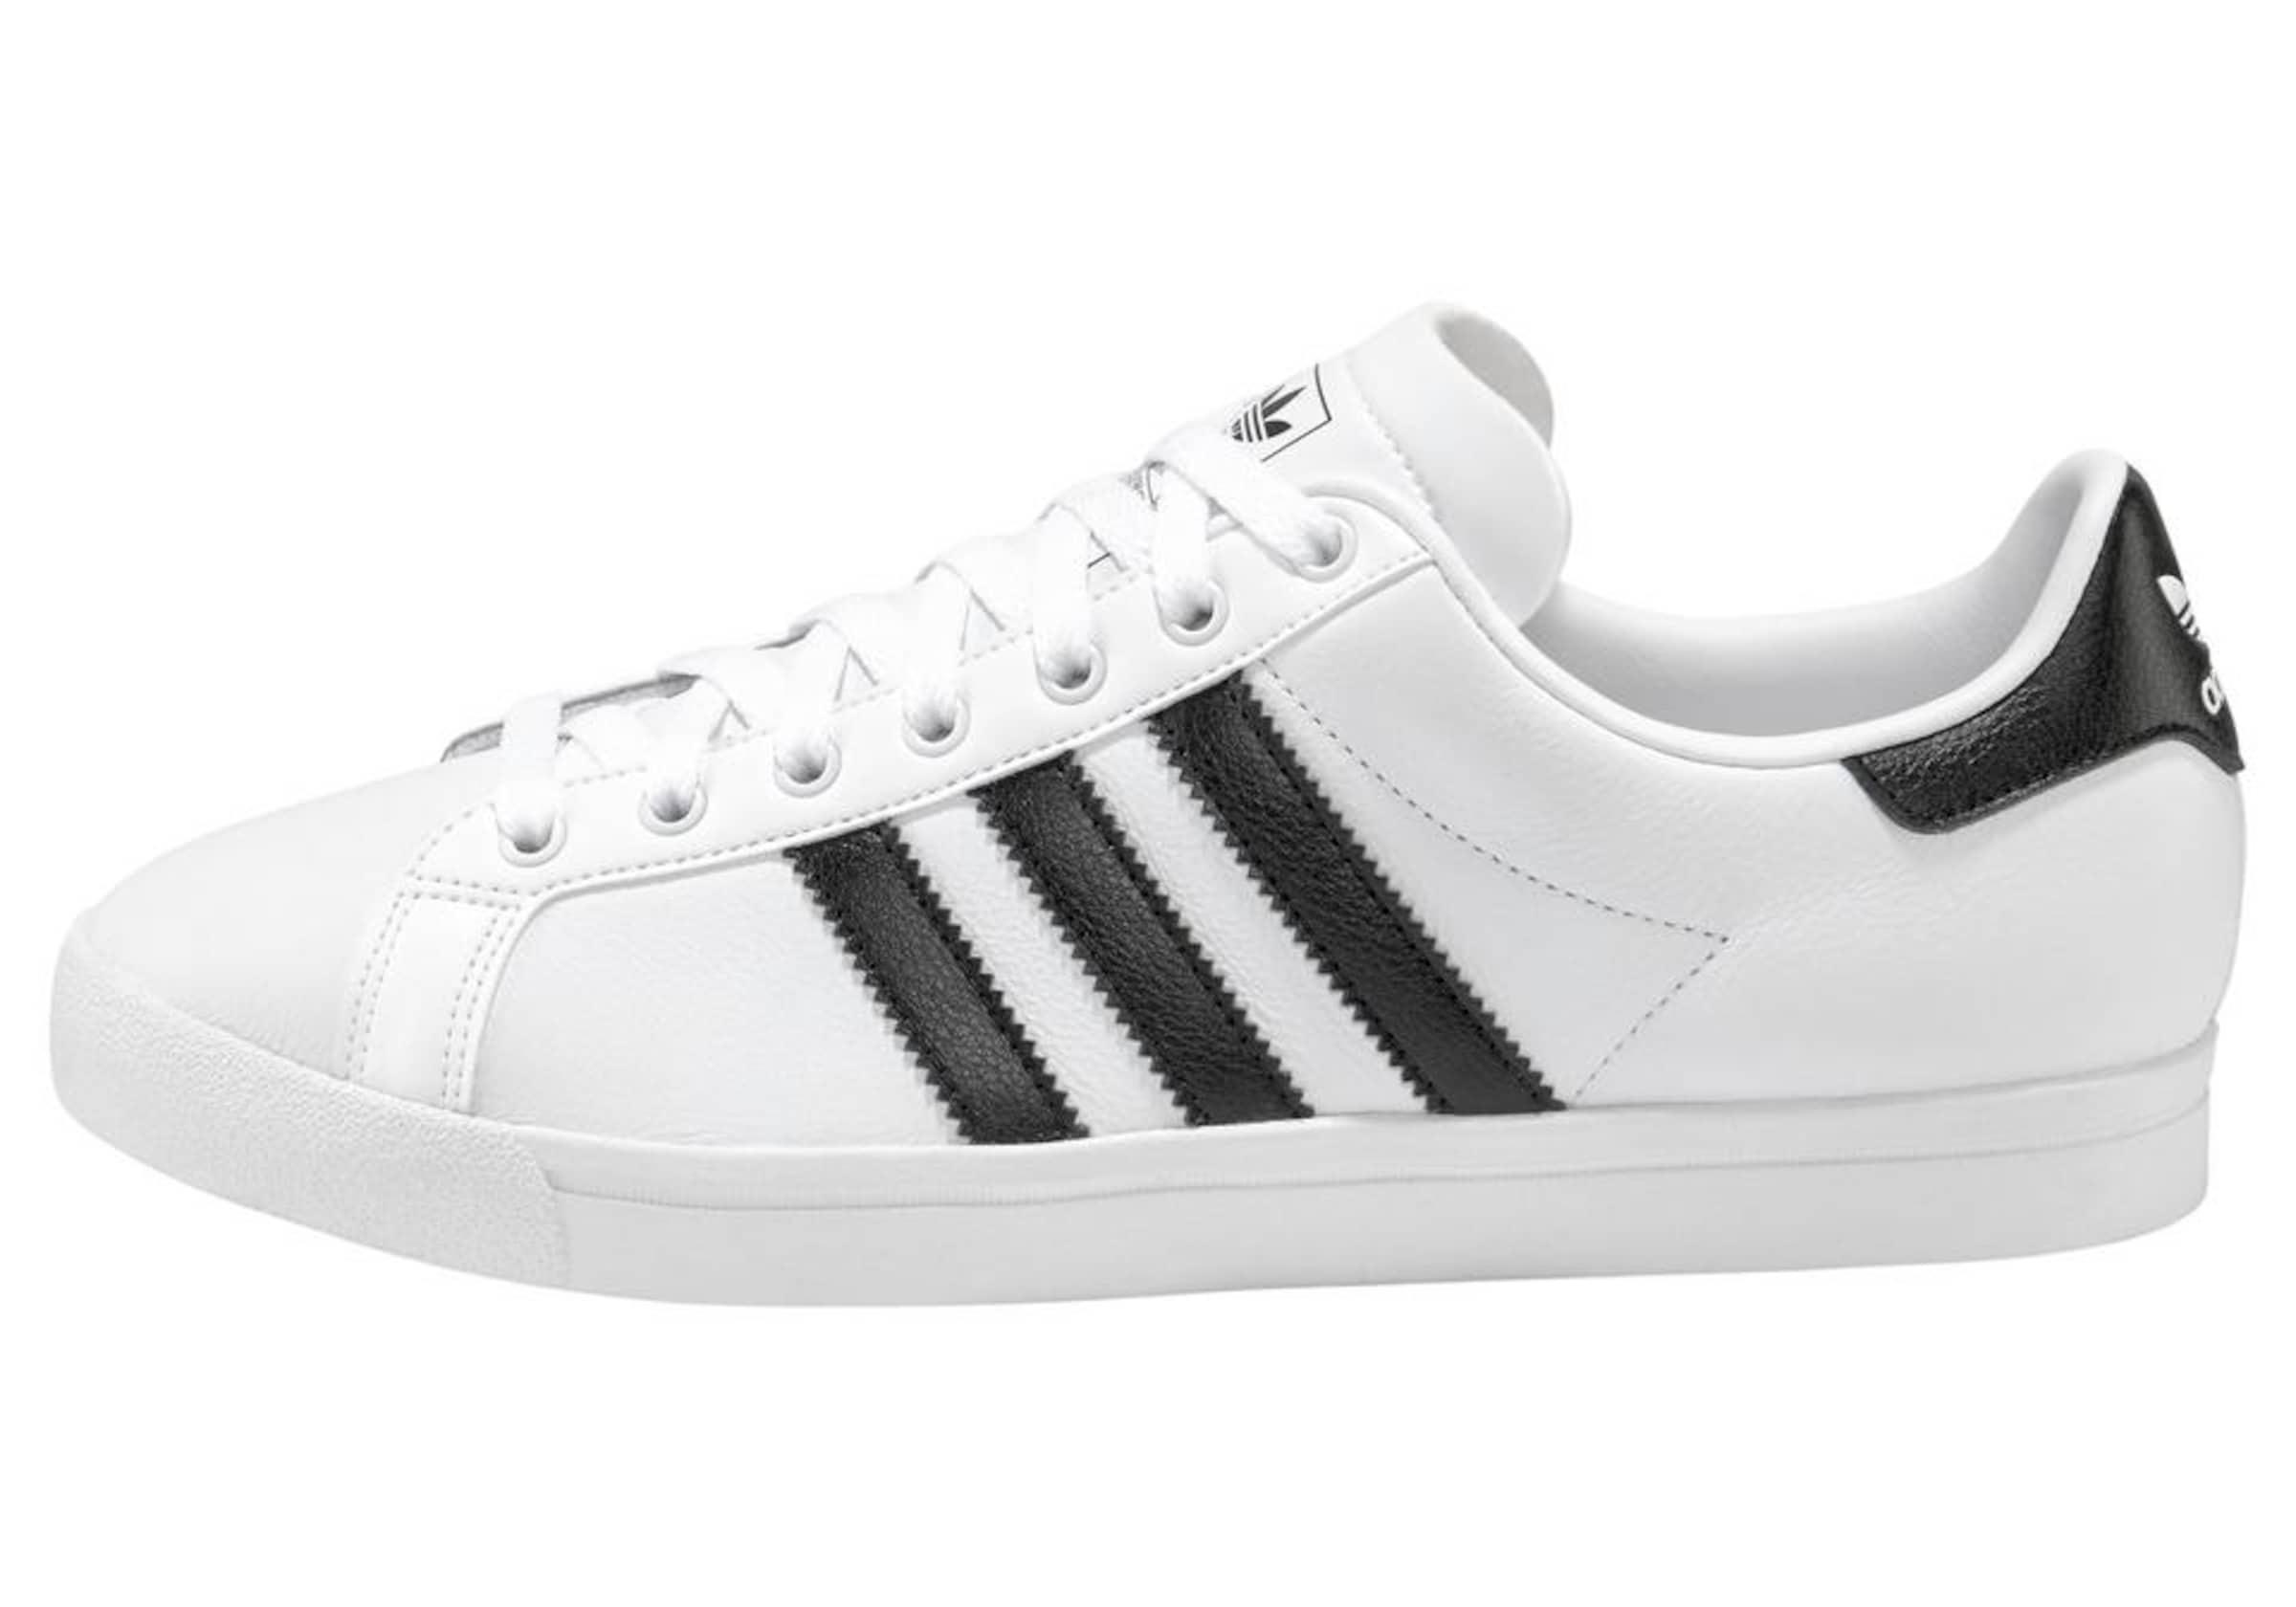 Originals SchwarzWeiß Adidas Star' 'coast In Schuh F3lTKc1J